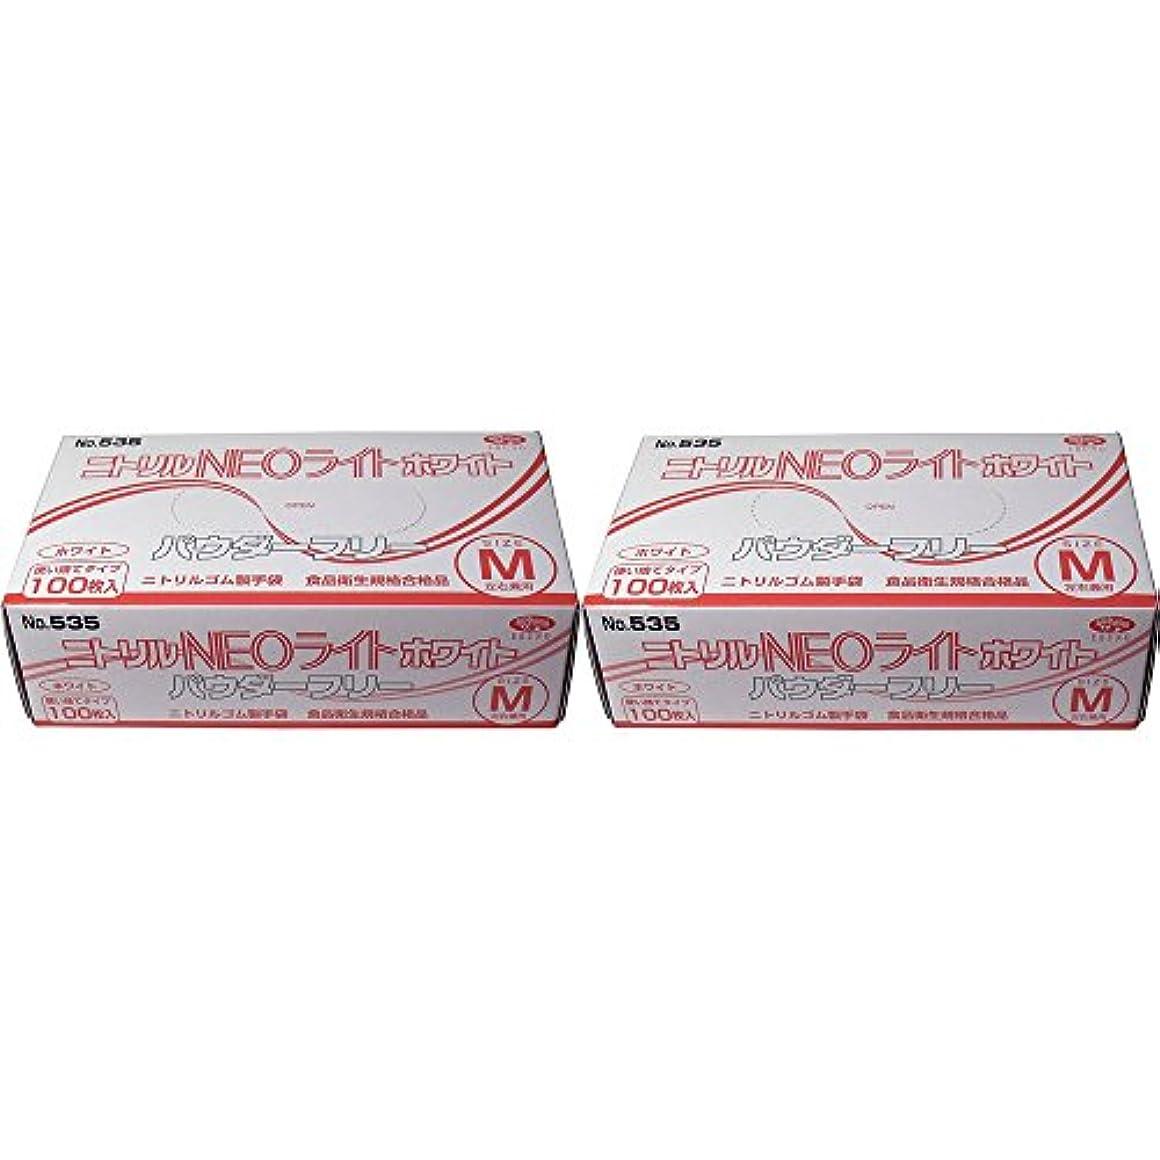 礼儀香り飢饉【セット品】ニトリル手袋 パウダーフリー ホワイト Mサイズ×2個